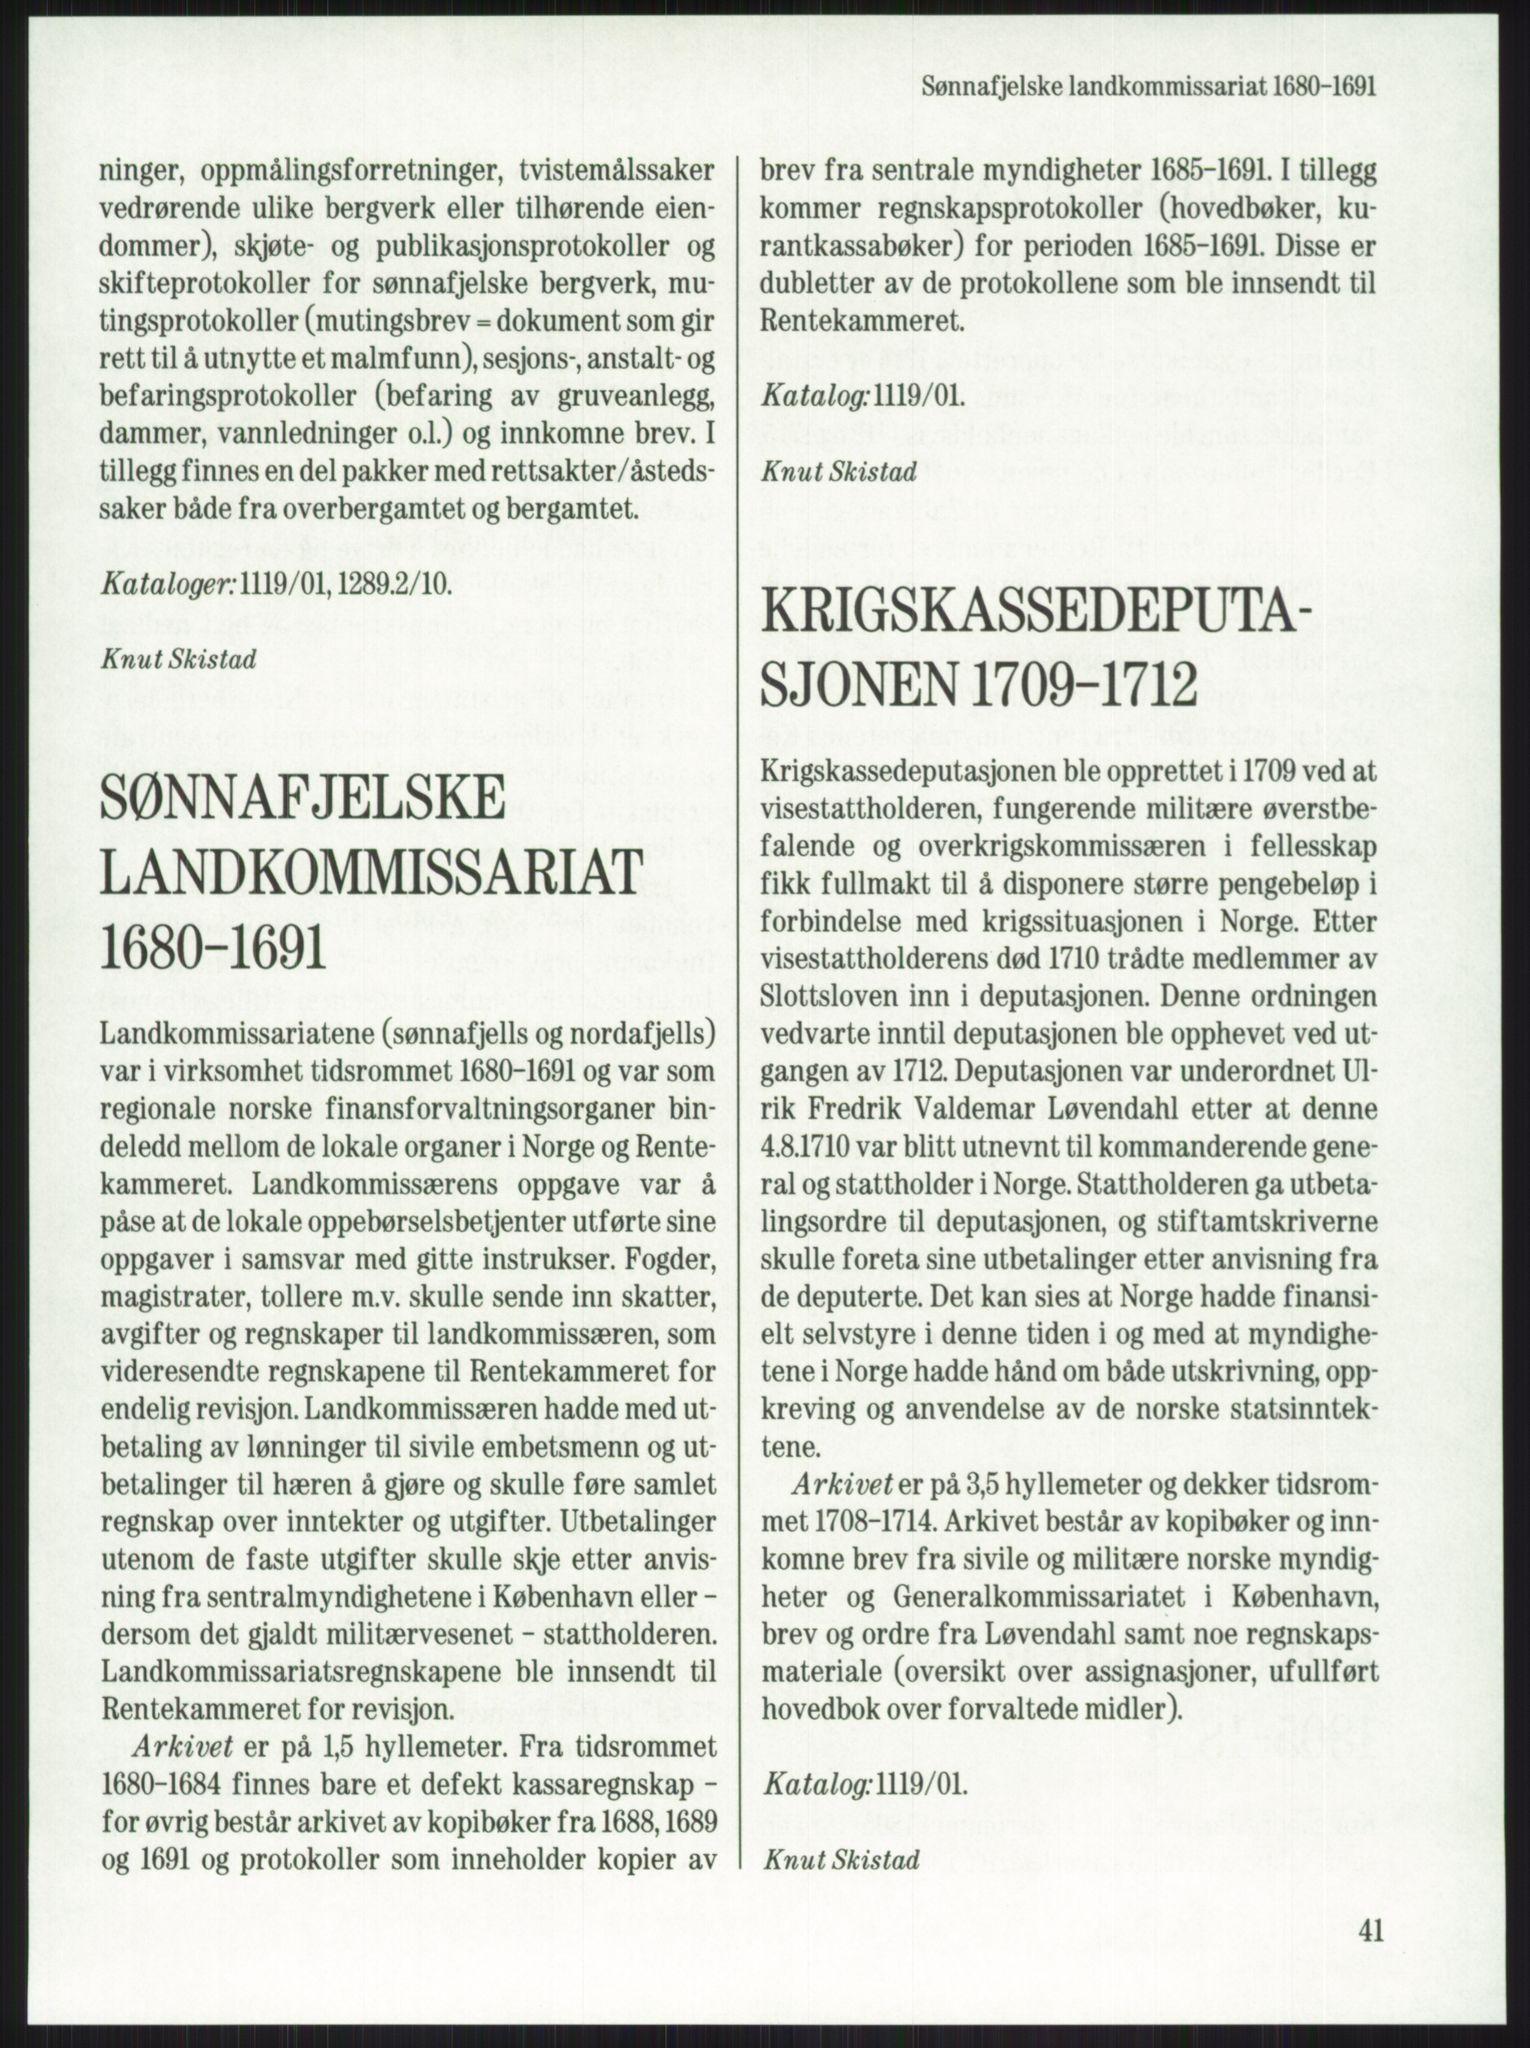 RA, Publikasjoner, -/-: Knut Johannessen, Ole Kolsrud og Dag Mangset (red.): Håndbok for Riksarkivet (1992), s. 41